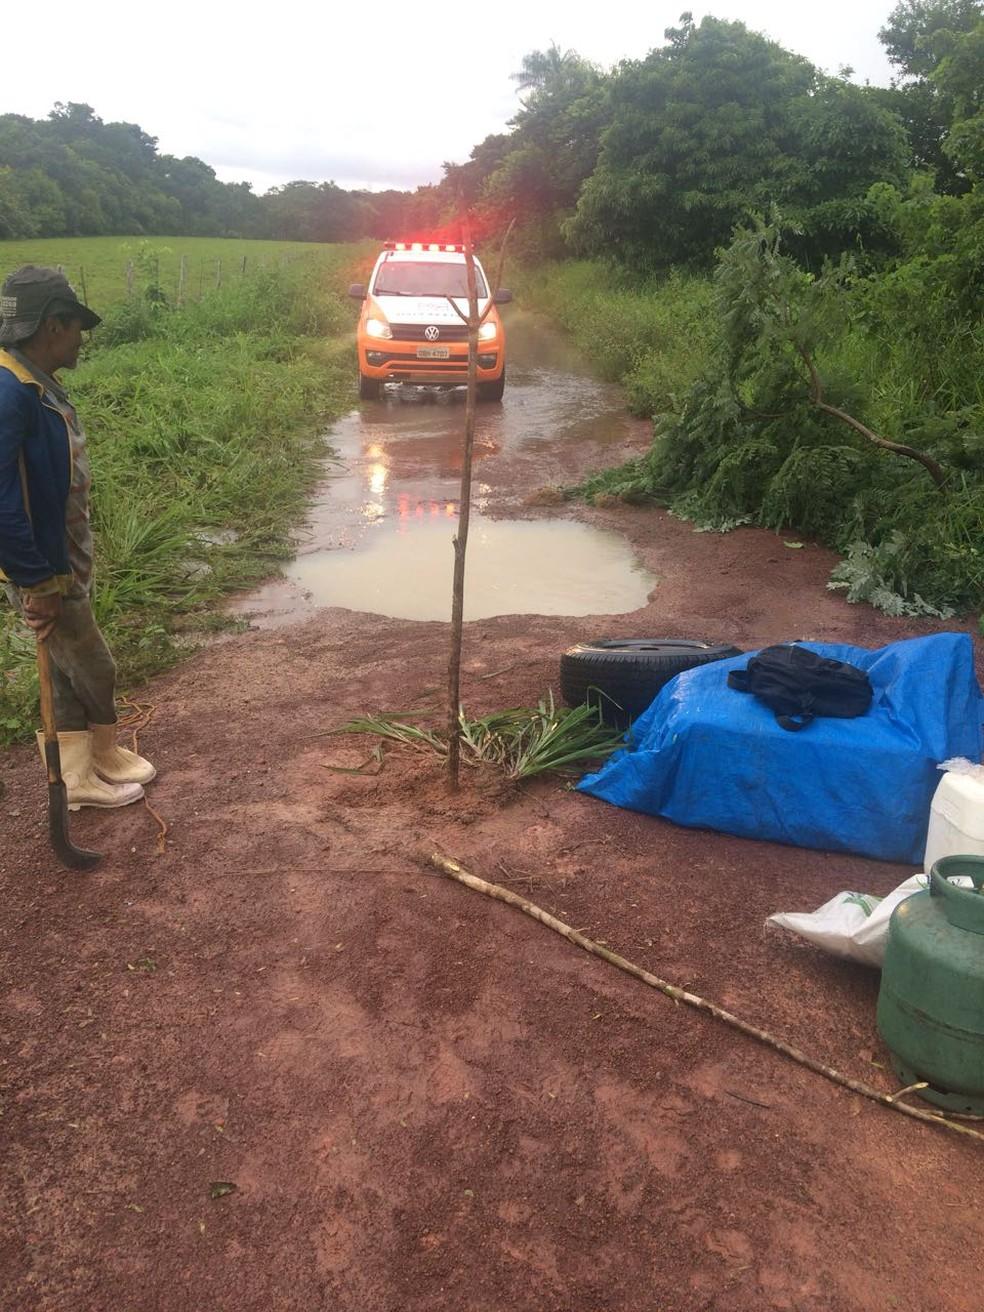 Prefeitura de Cáceres interditou estrada e deve tampar a cratera até sexta-feira (Foto: Arquivo pessoal)